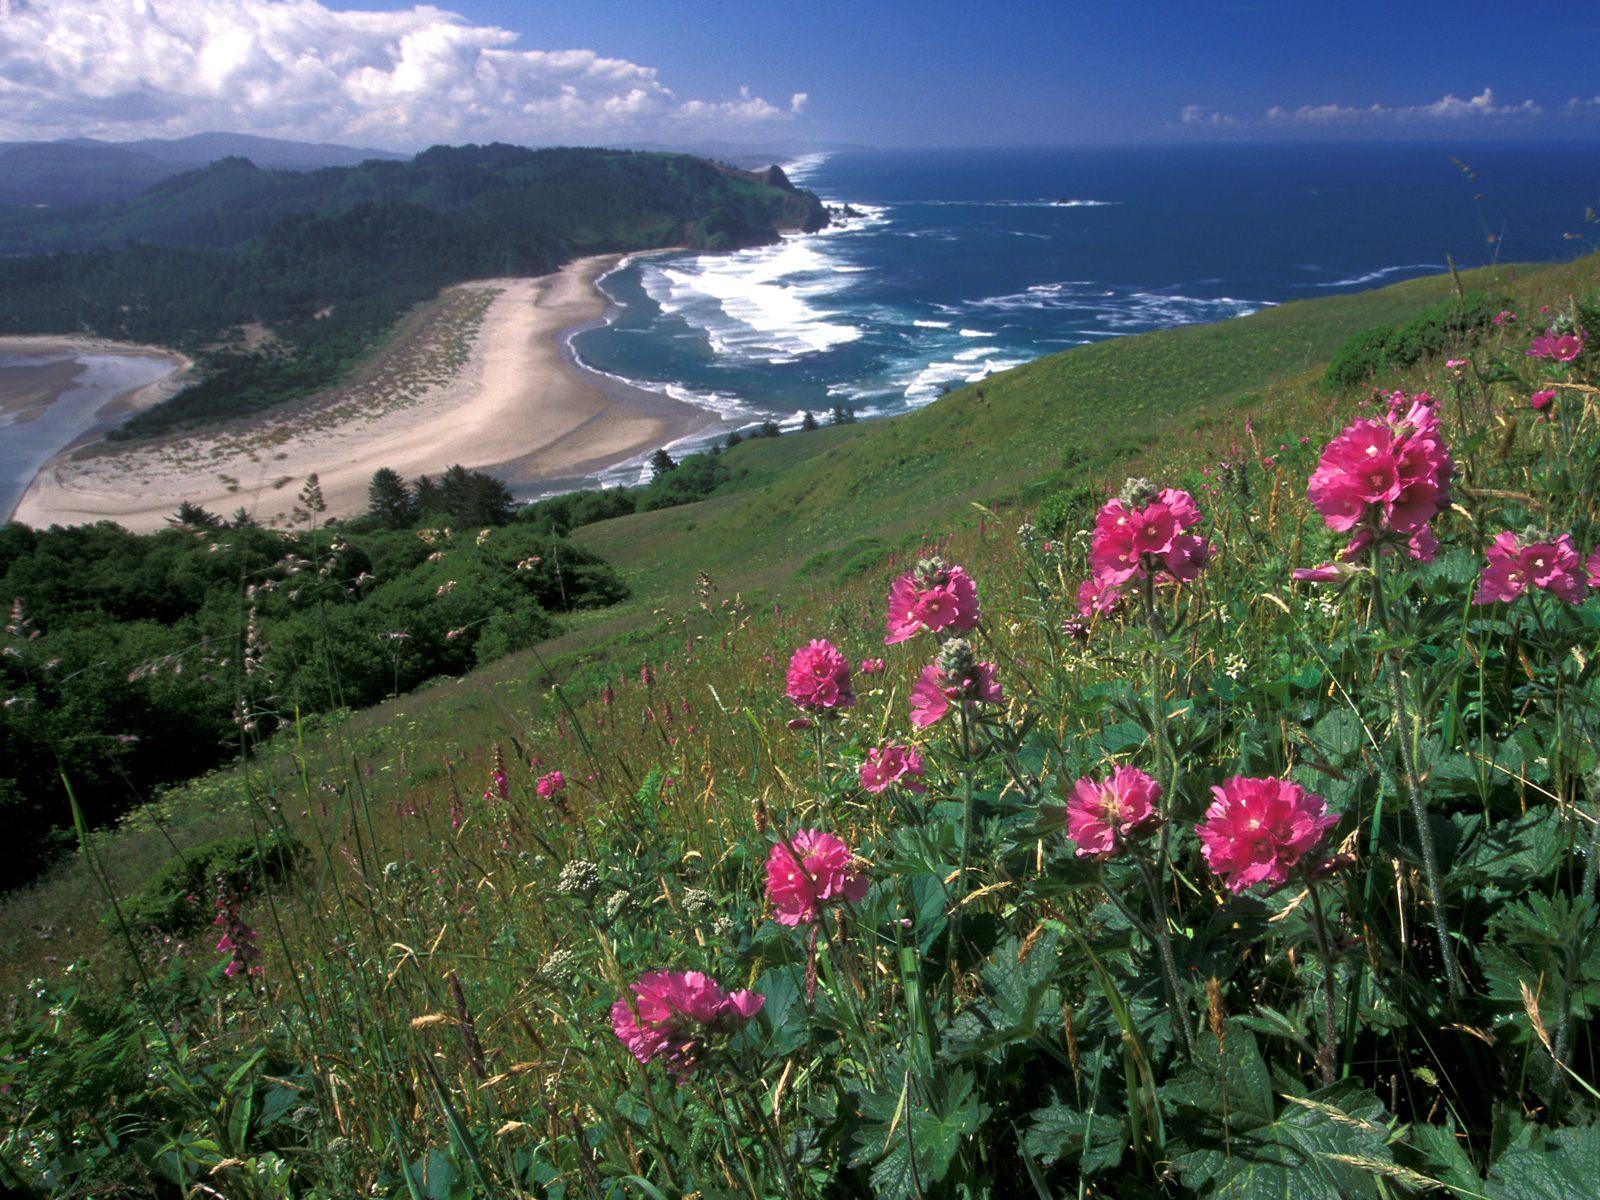 http://4.bp.blogspot.com/-mS6IAk0yIic/Tn4X3qYJguI/AAAAAAAAC7g/72oSjHkQwbk/s1600/Nature%2BWallpapers%2B%252840%2529.jpg